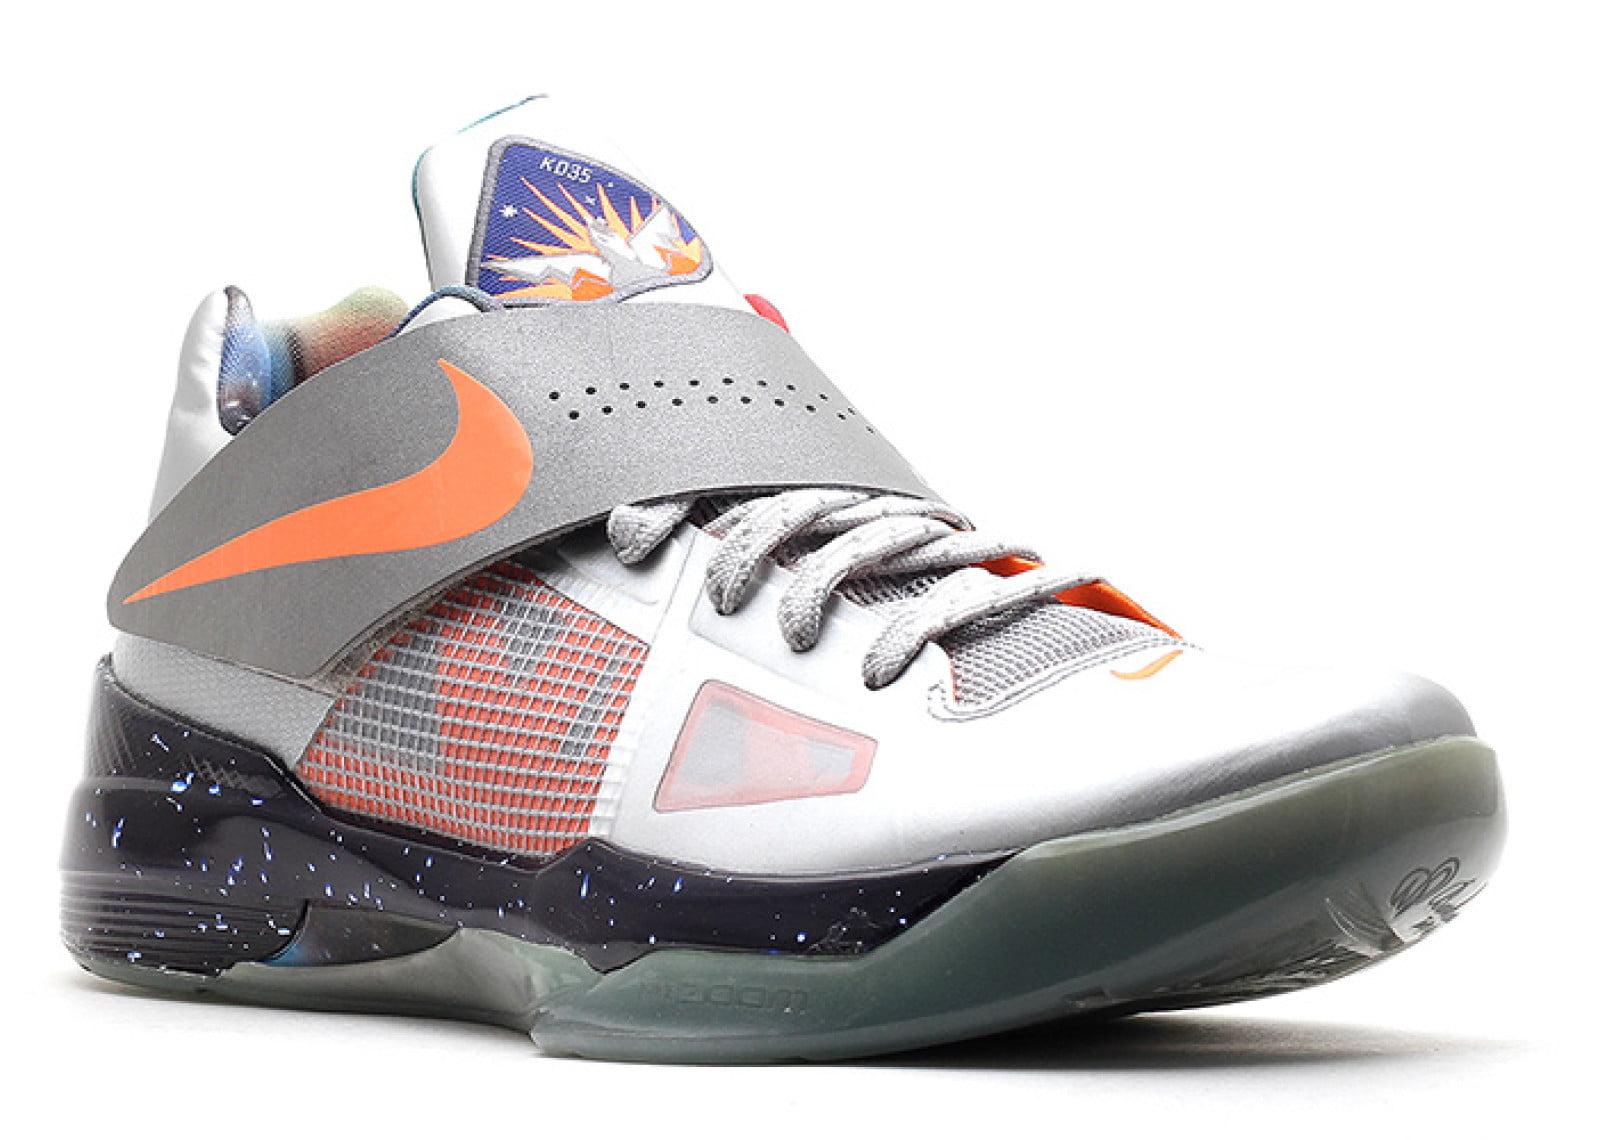 d270a7237880 Nike - Men - Zoom Kd 4 As  Galaxy  - 520814-001 - Size 8